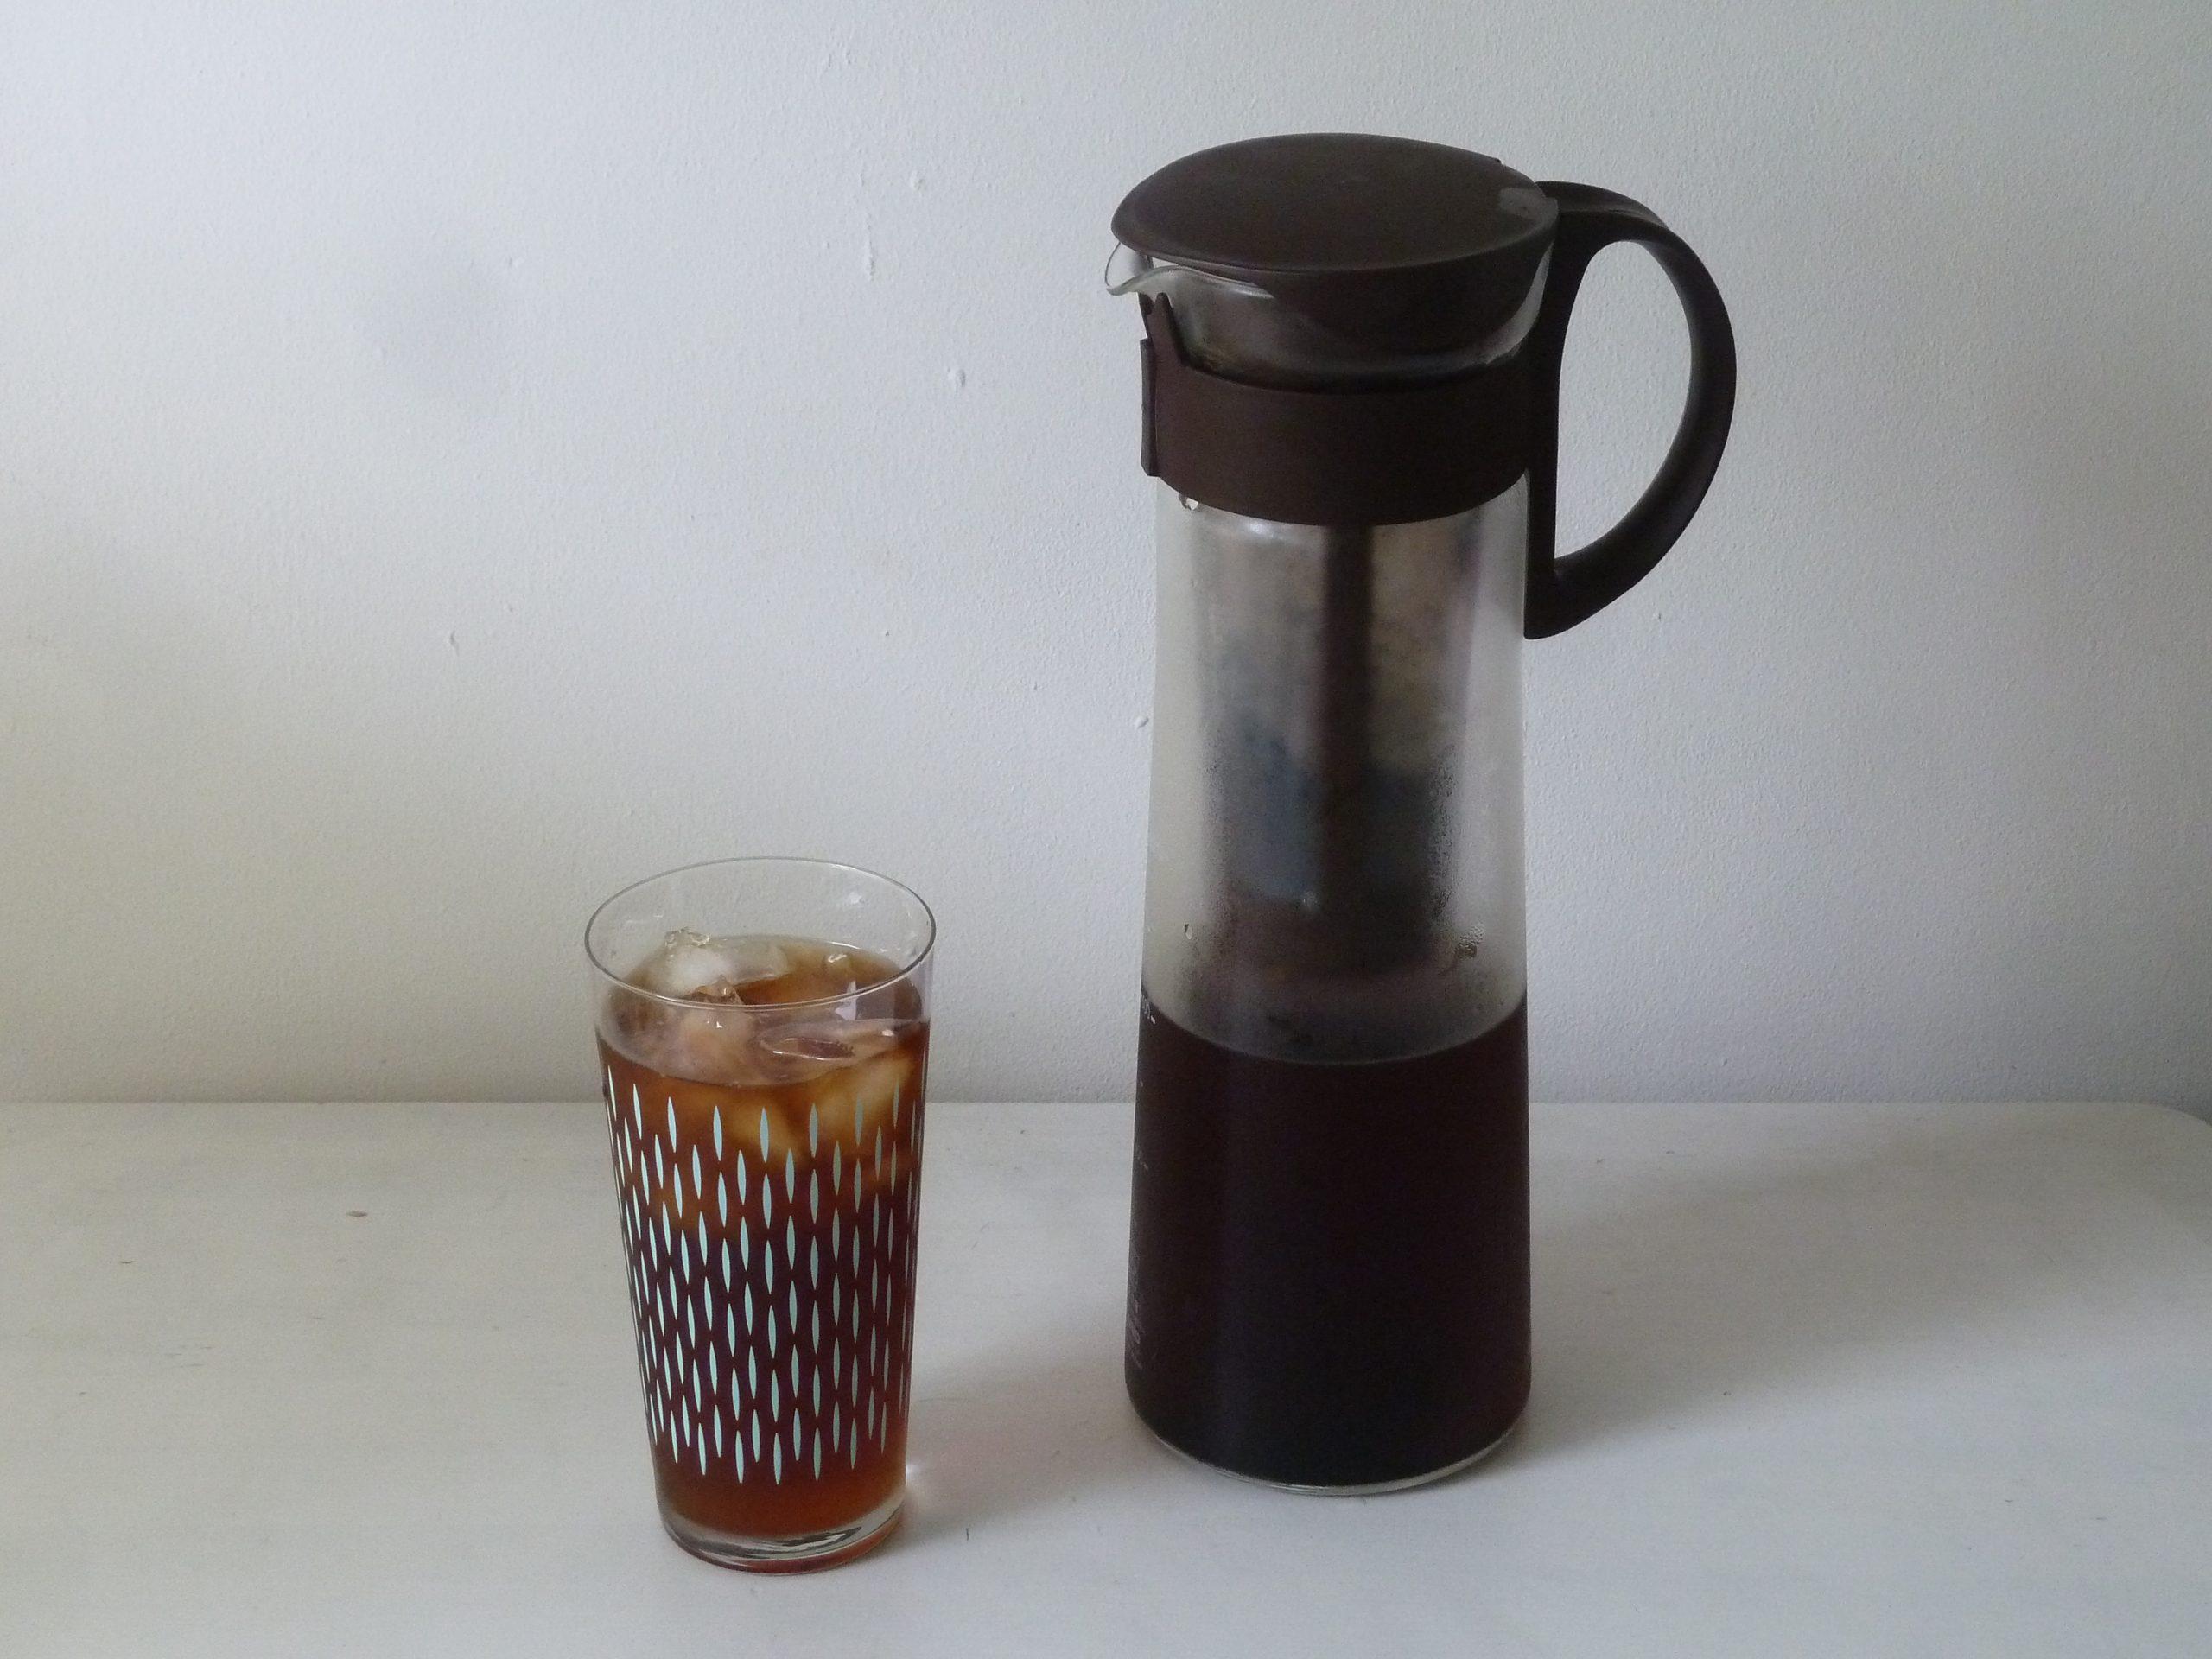 水出しアイスコーヒー出来上がり